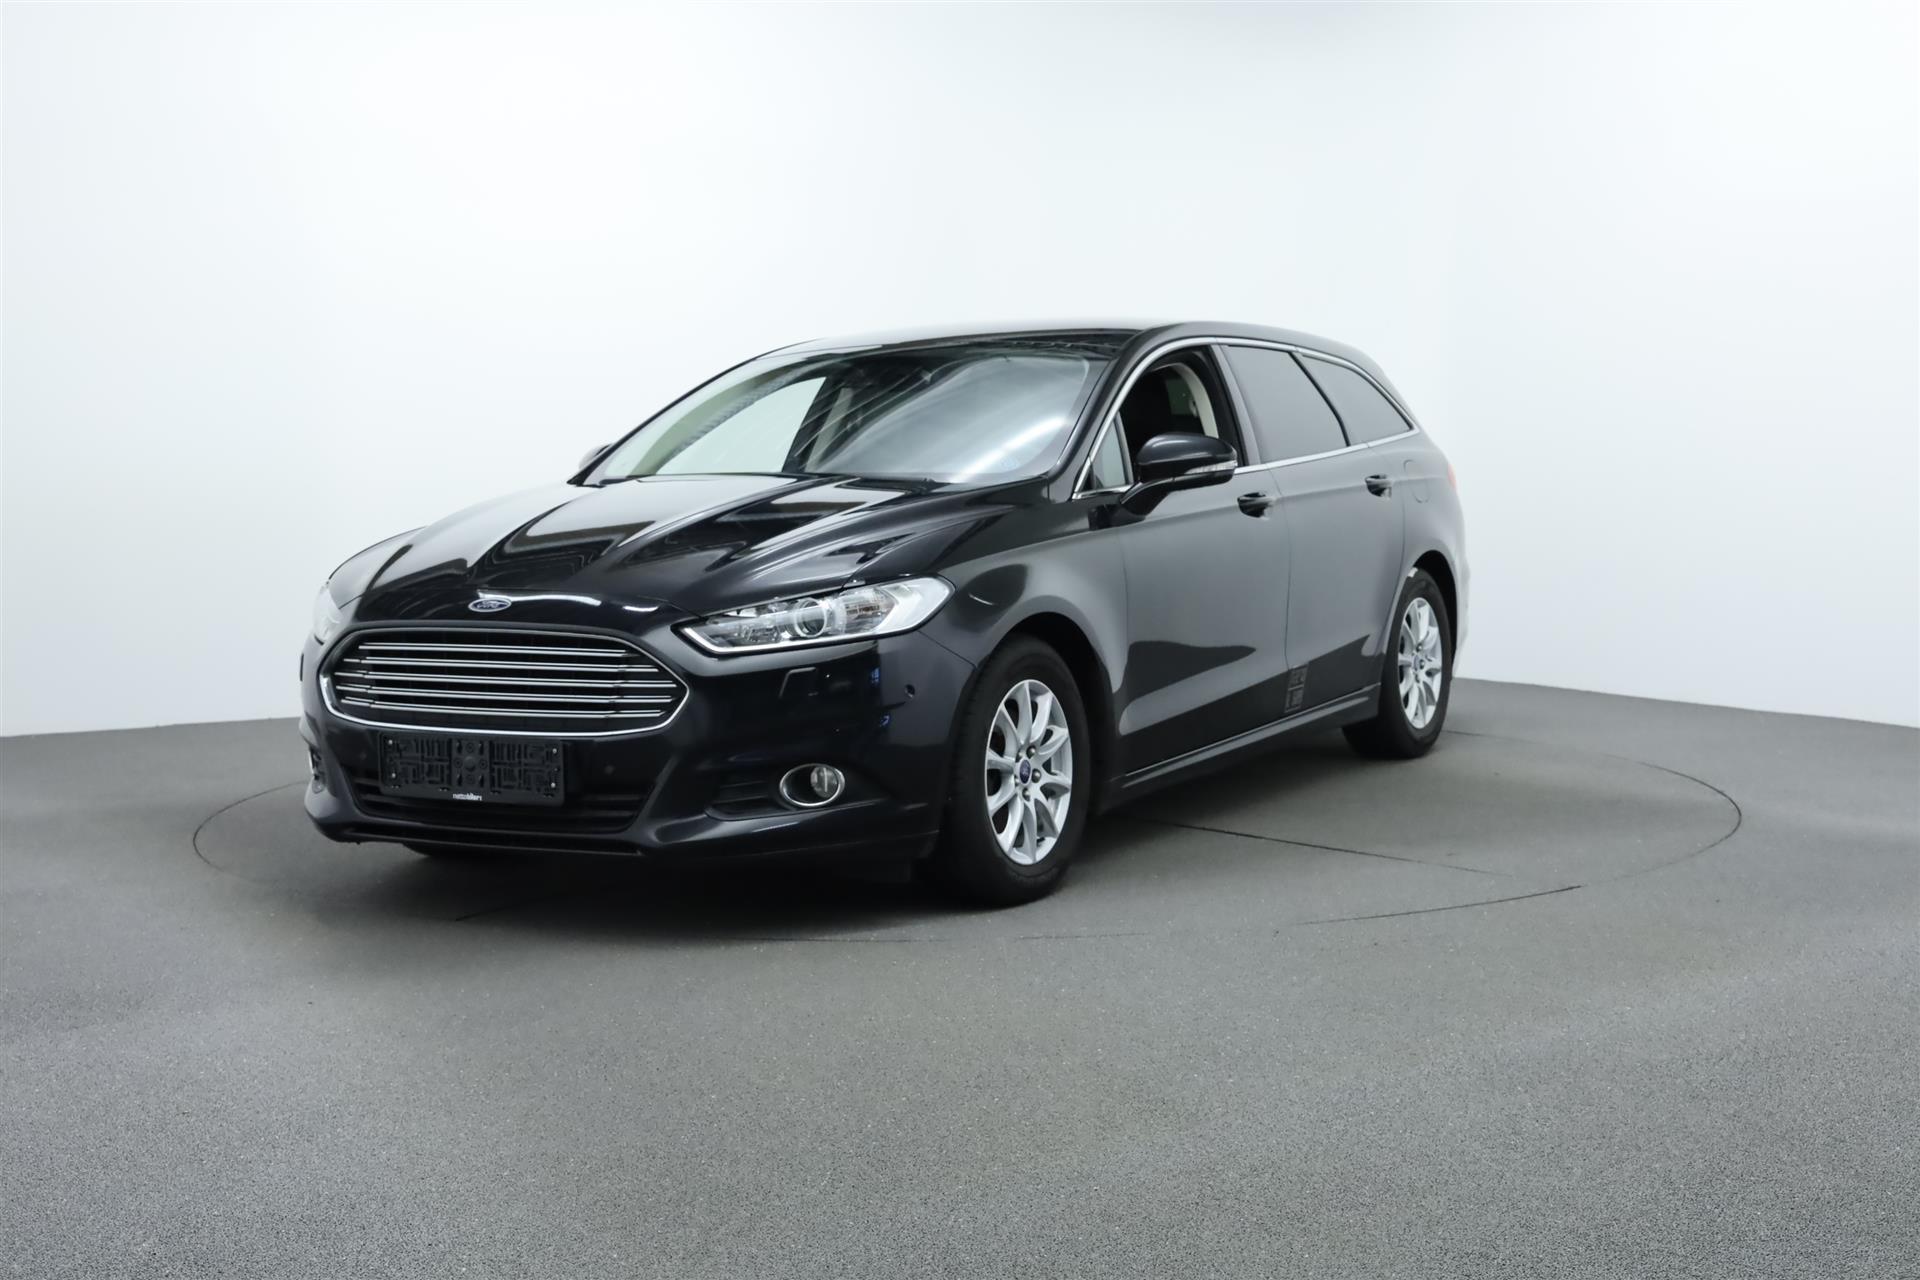 Billede af Ford Mondeo 2,0 TDCi Trend 150HK Van 6g Aut.